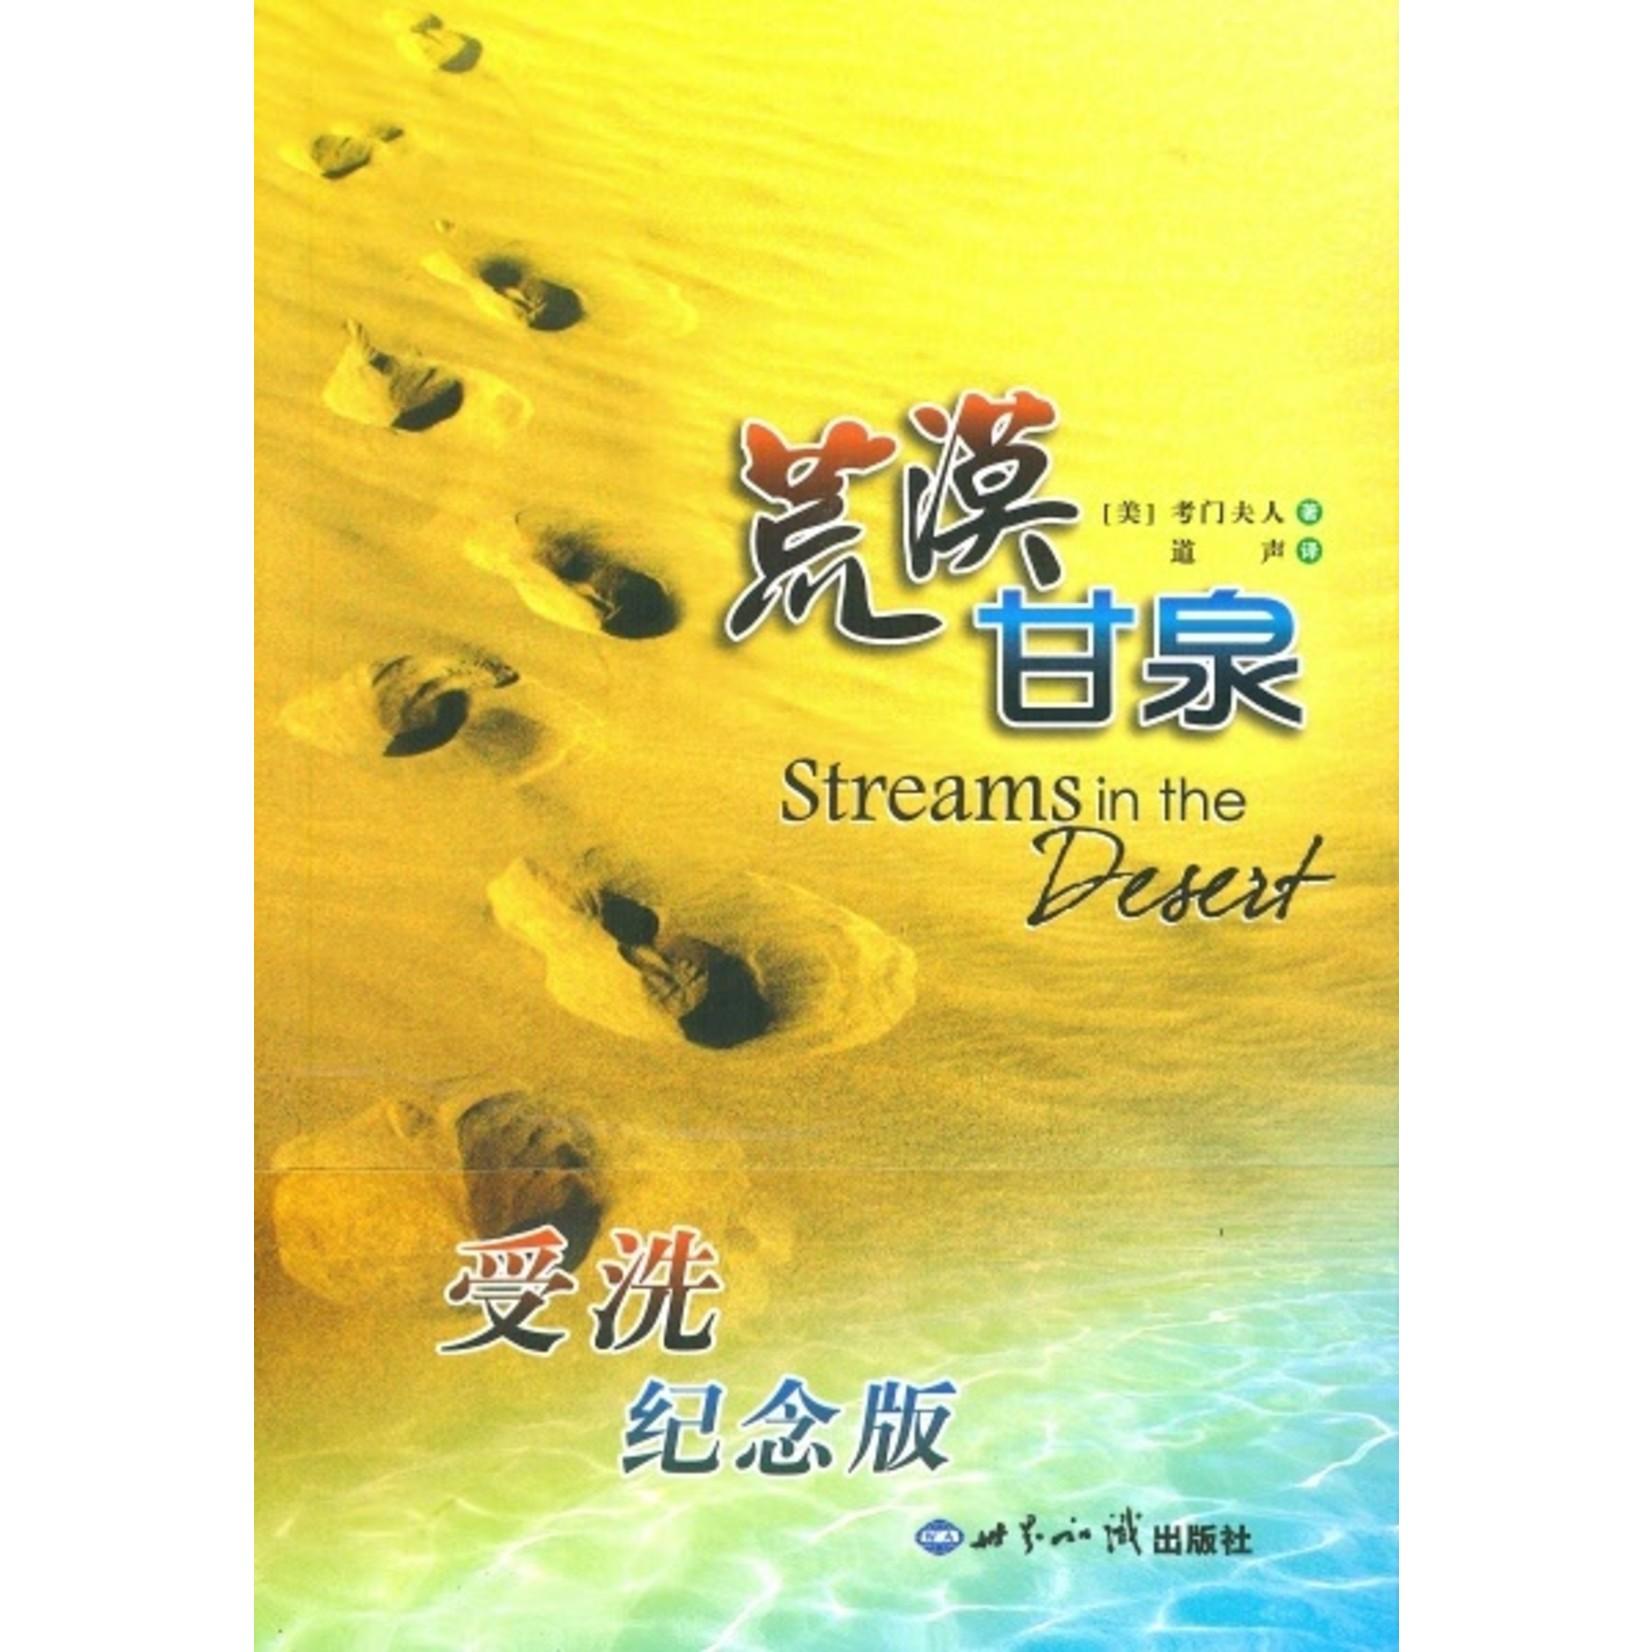 世界知識出版社 (CN) 荒漠甘泉(受洗紀念版)(簡體) Streams in the Desert